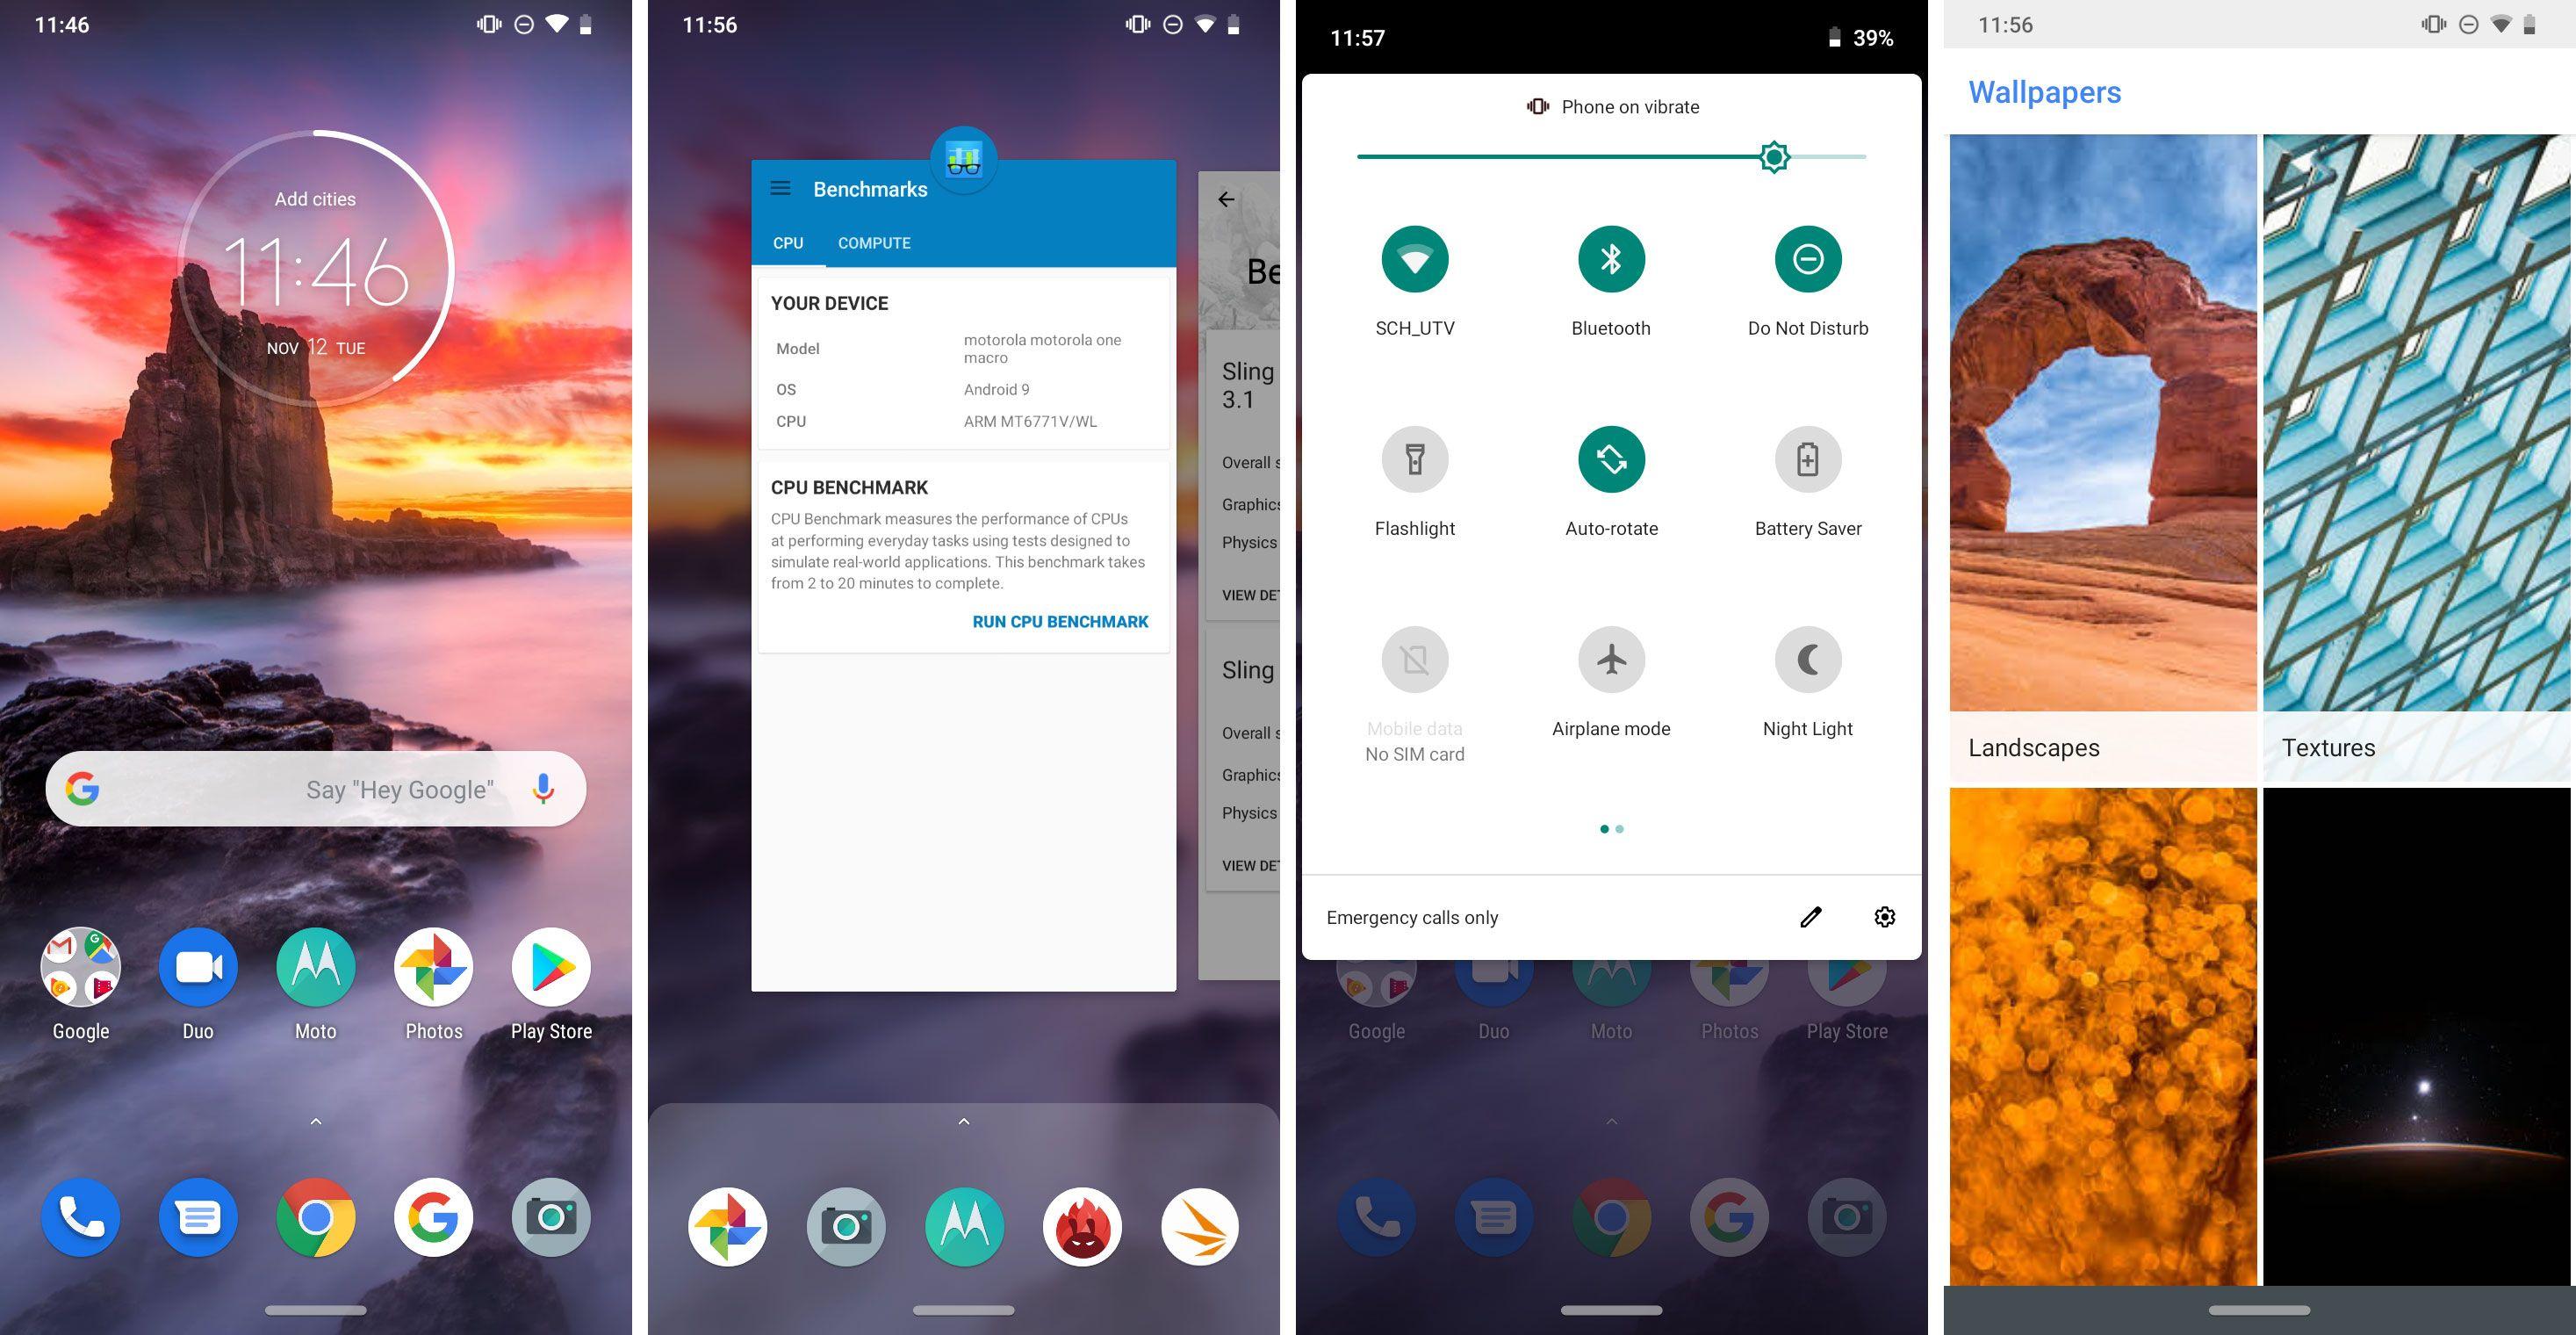 Nokså ren Android, men ikke Android One.